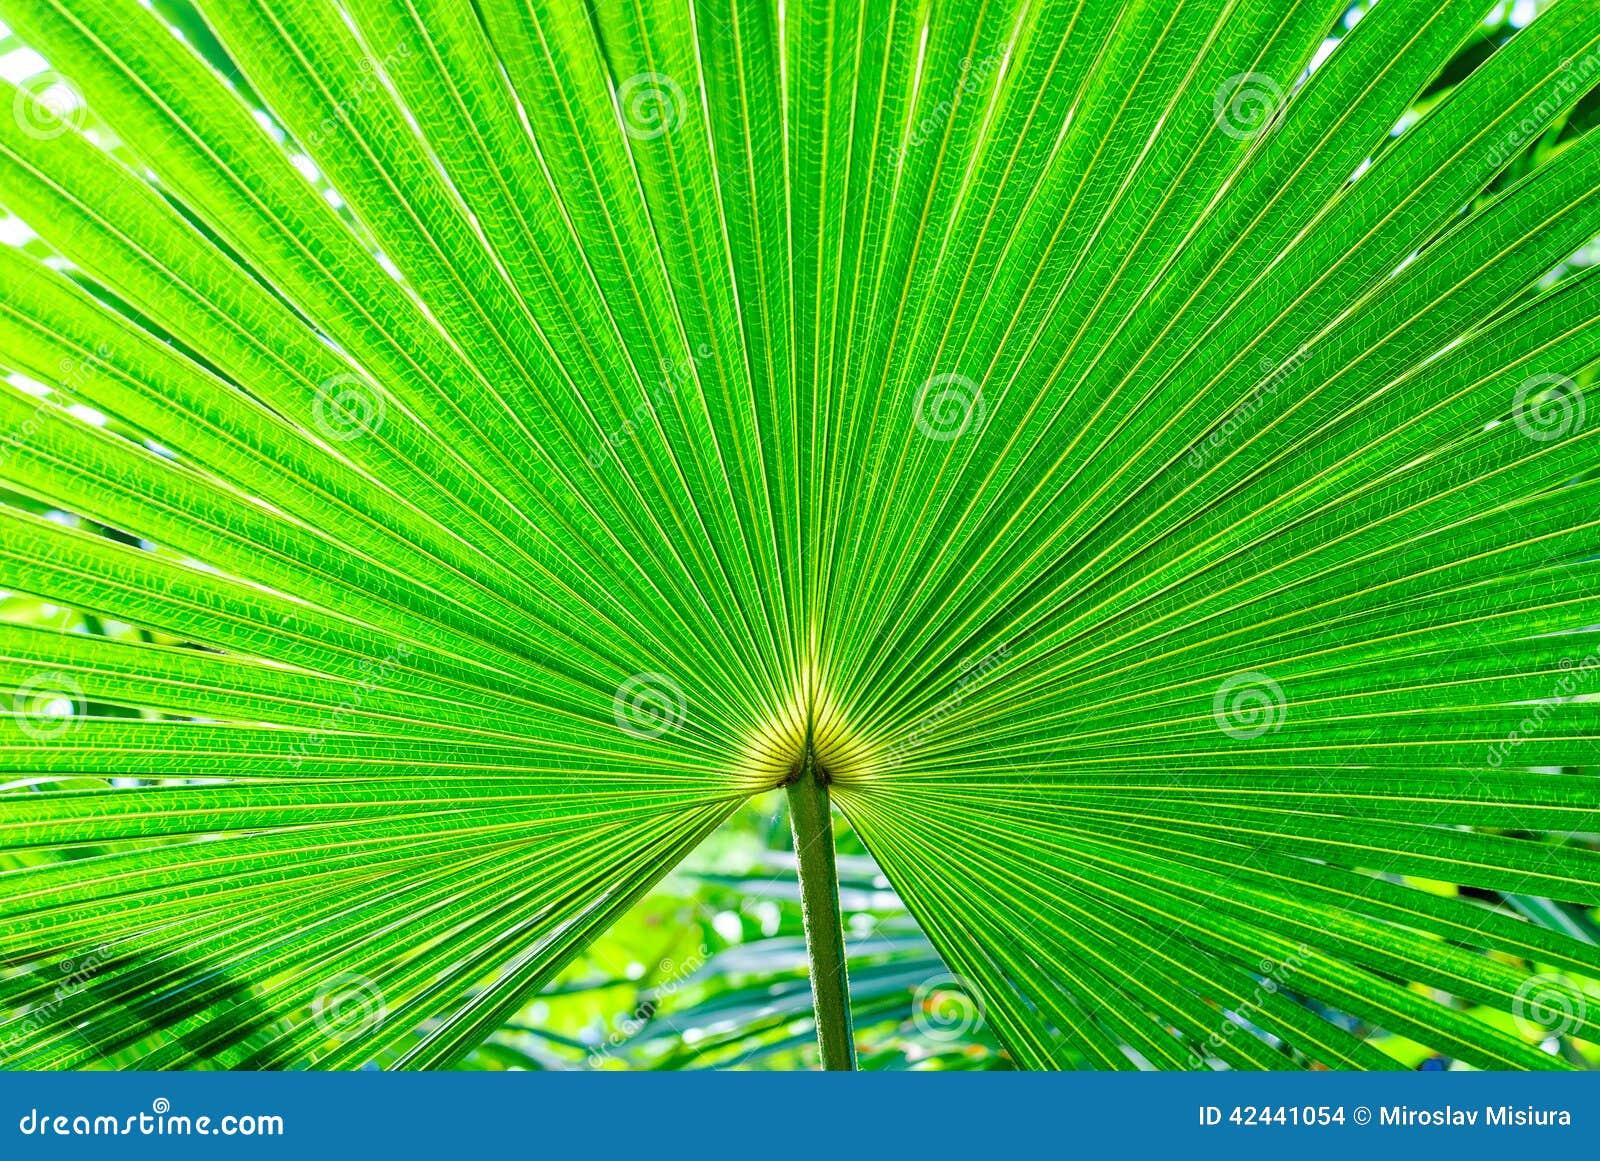 Plantas exóticas